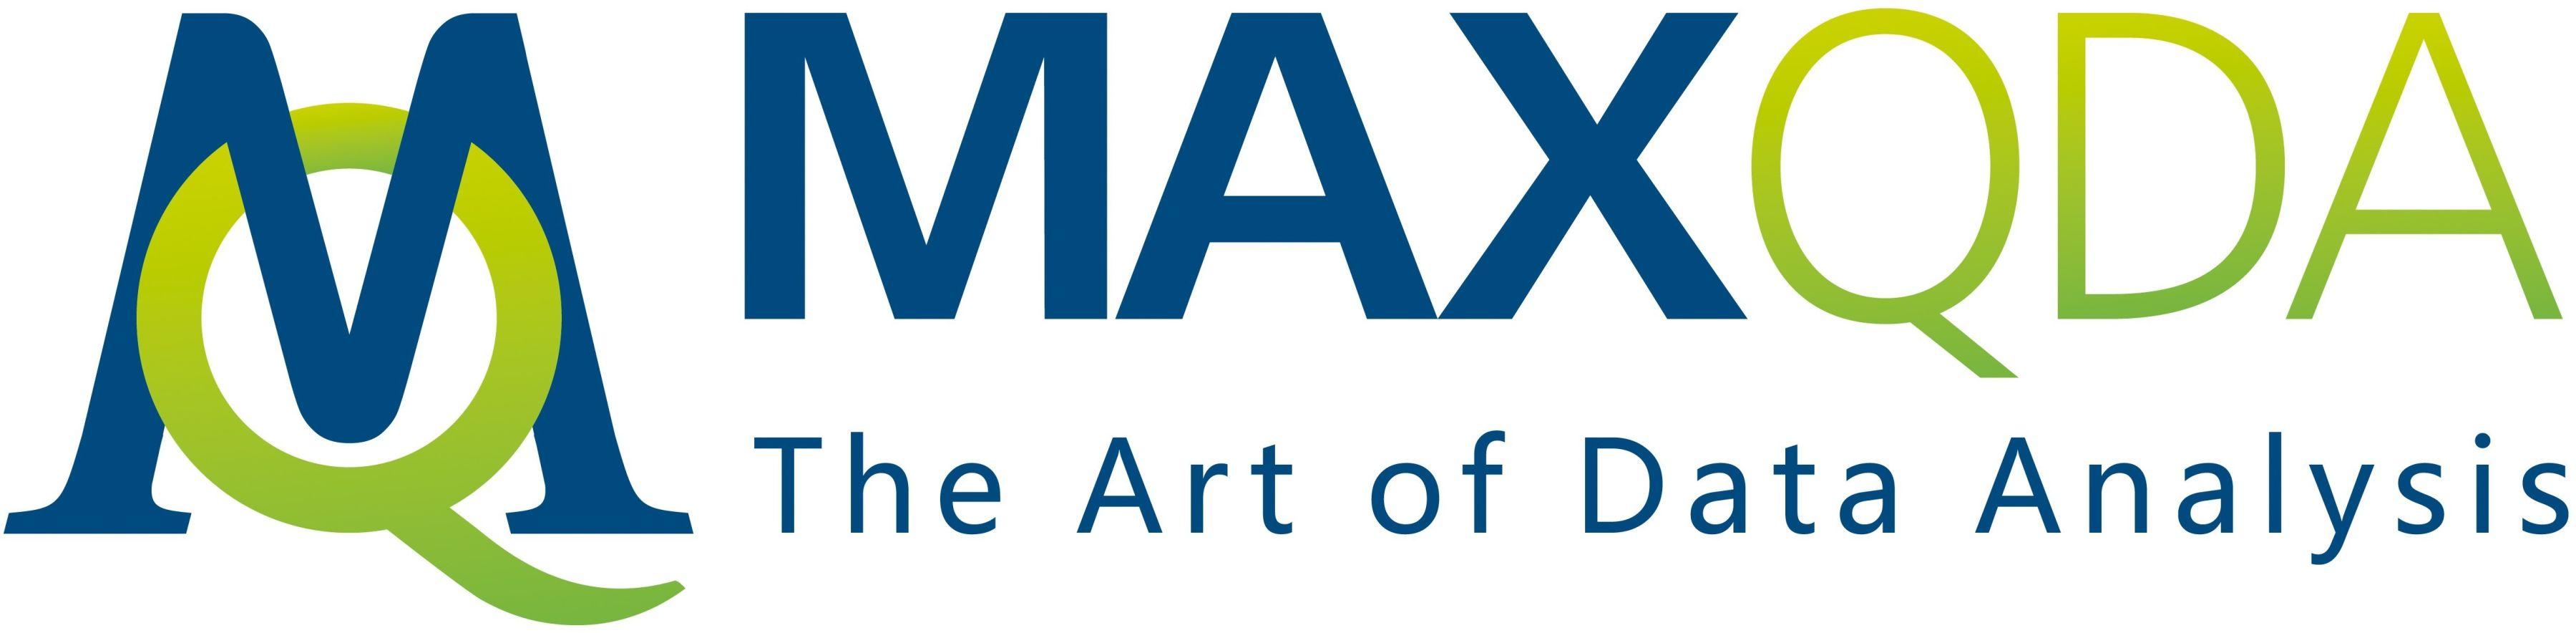 MAXQDA Analytics Pro dla Firm i Instytucji - Certyfikaty Rzetelna Firma i Adobe Gold Reseller